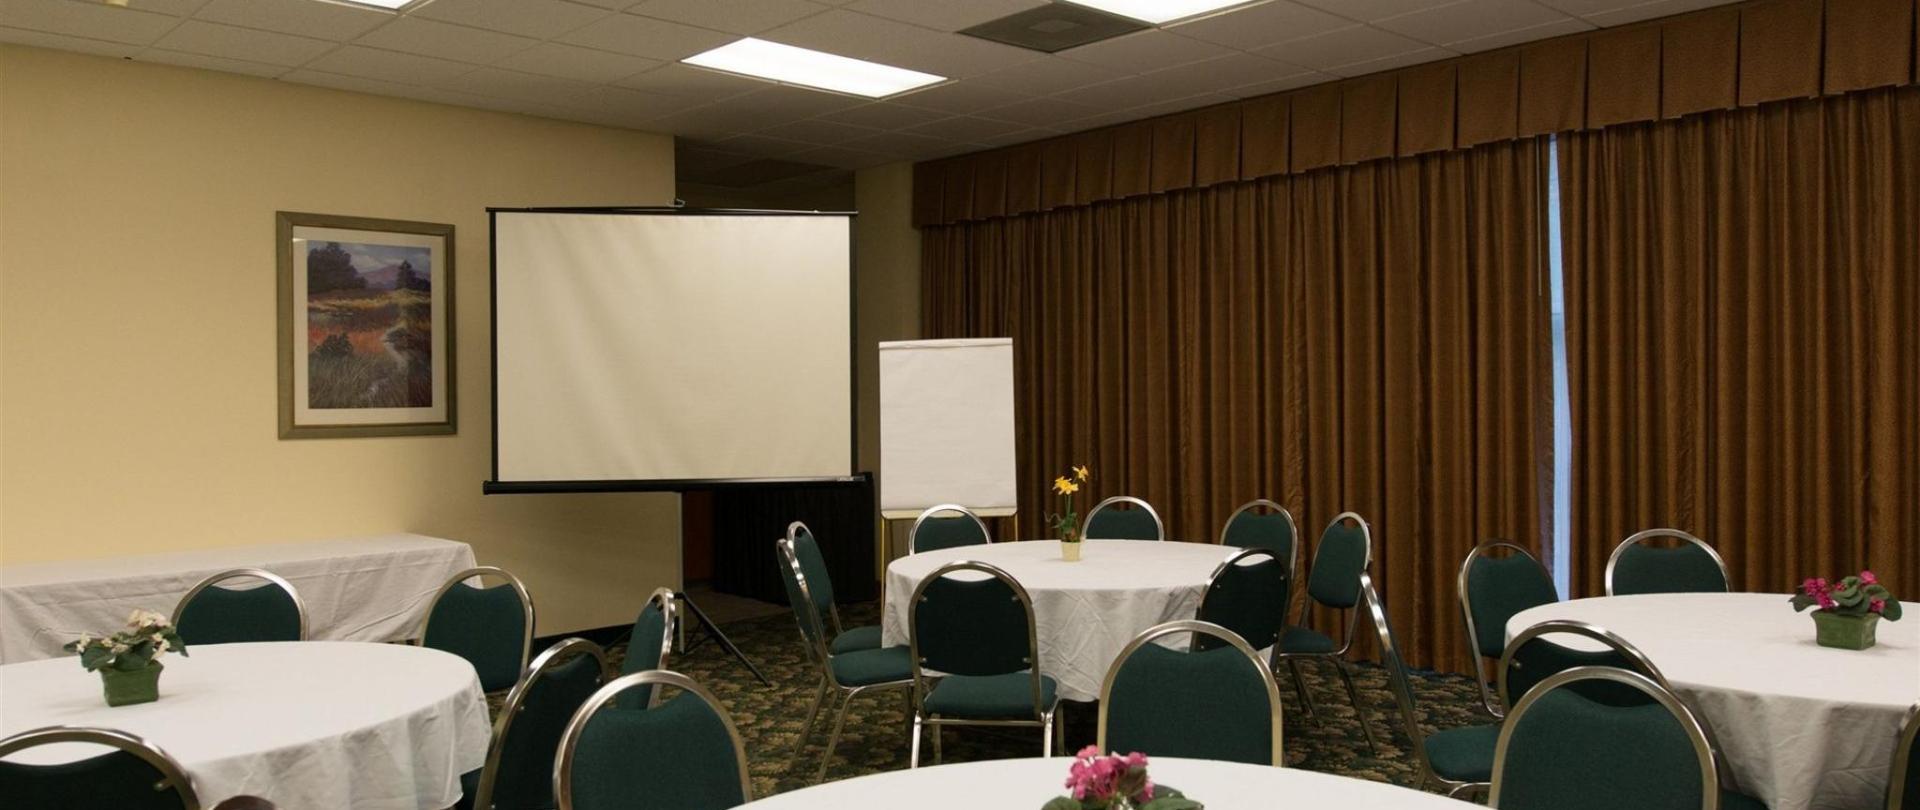 meeting-room-3-1.jpg